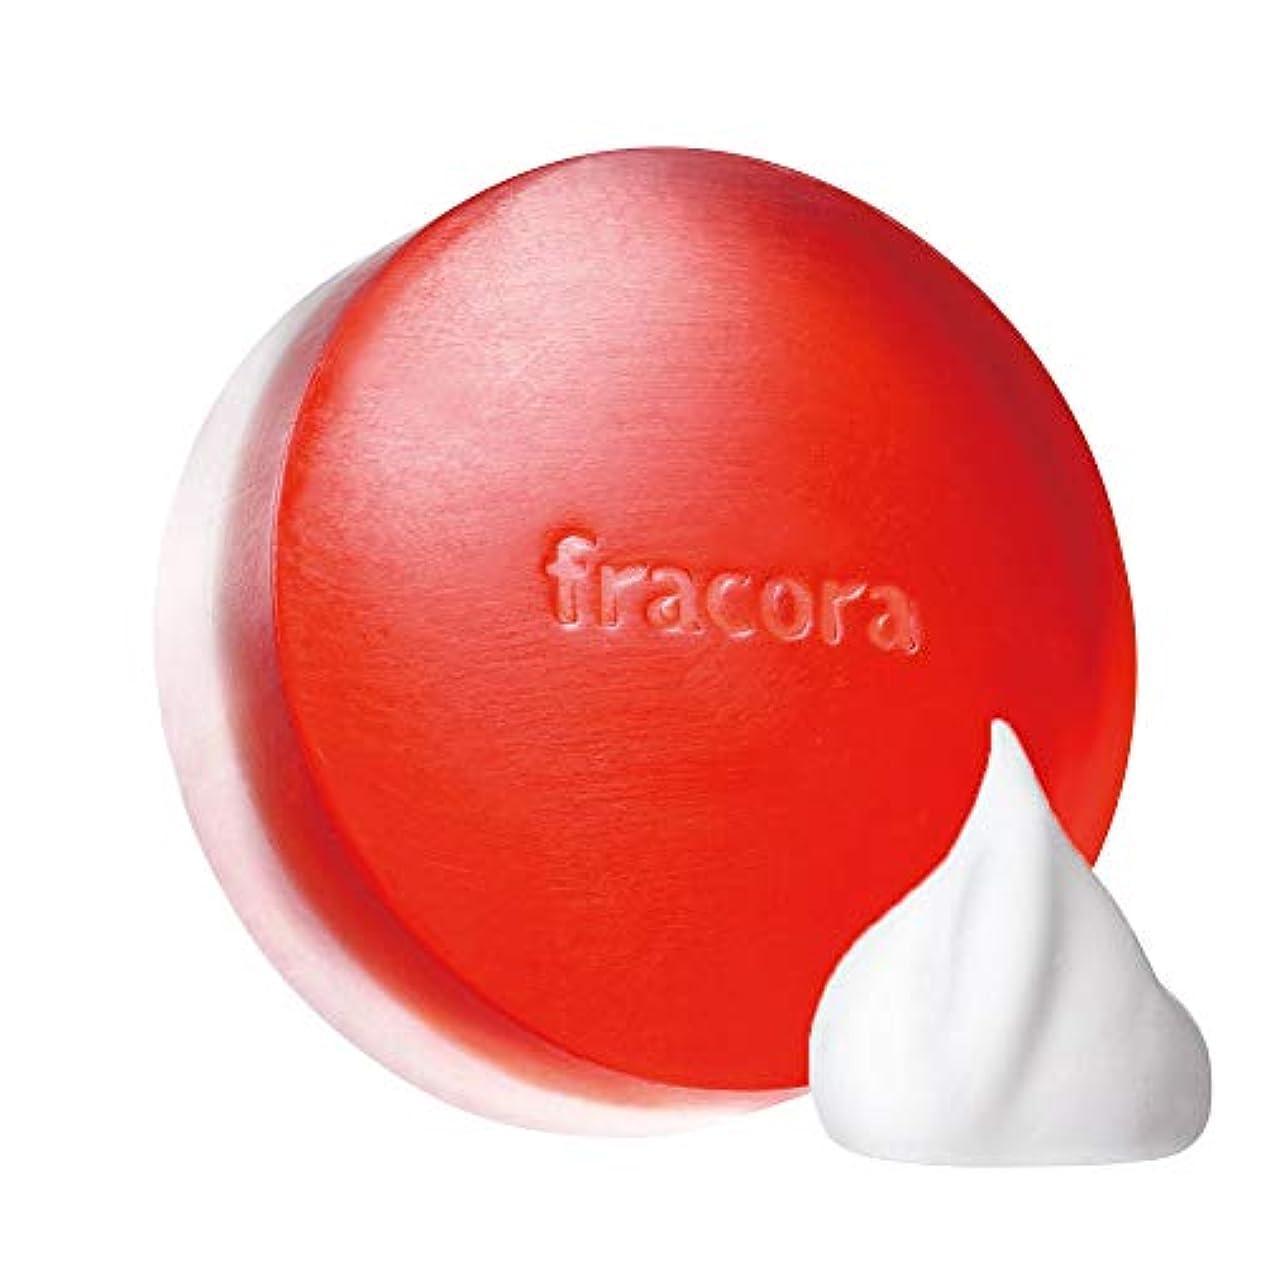 コンピューターフォルダ環境fracora(フラコラ) モイスト&エナジーソープ 80g